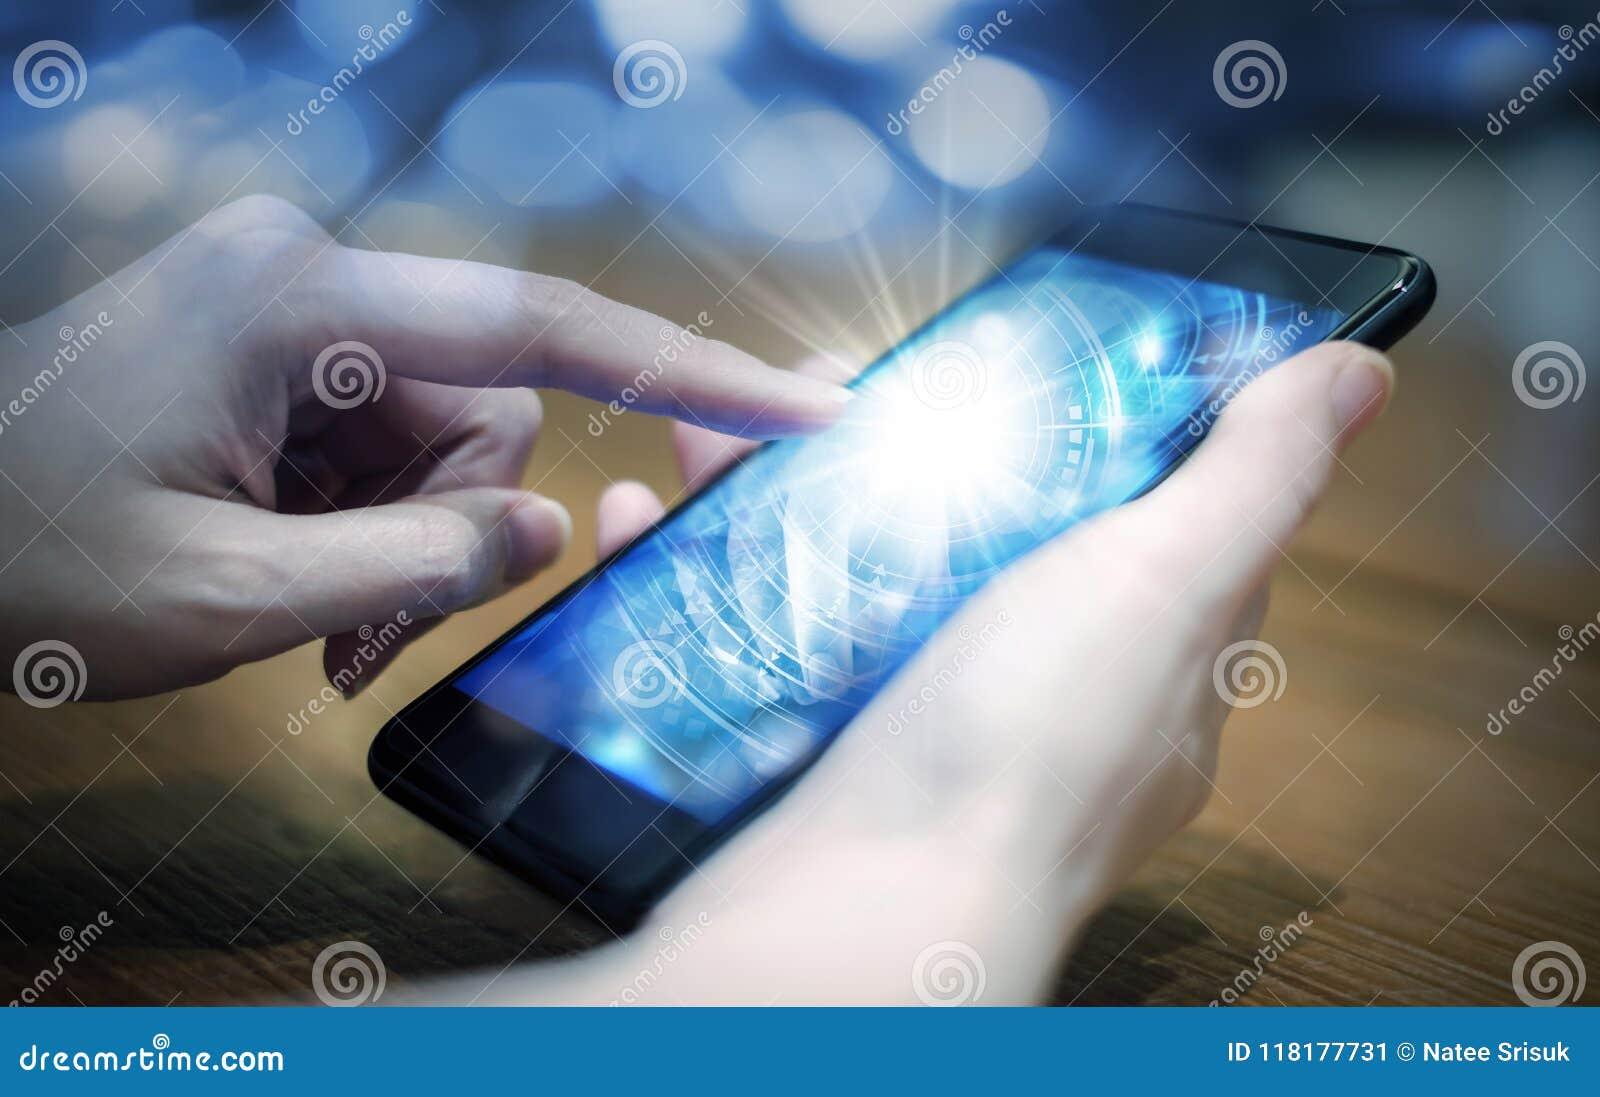 Νέο χέρι γυναικών σχετικά με την ψηφιακή τεχνολογία στο κινητό τηλέφωνο